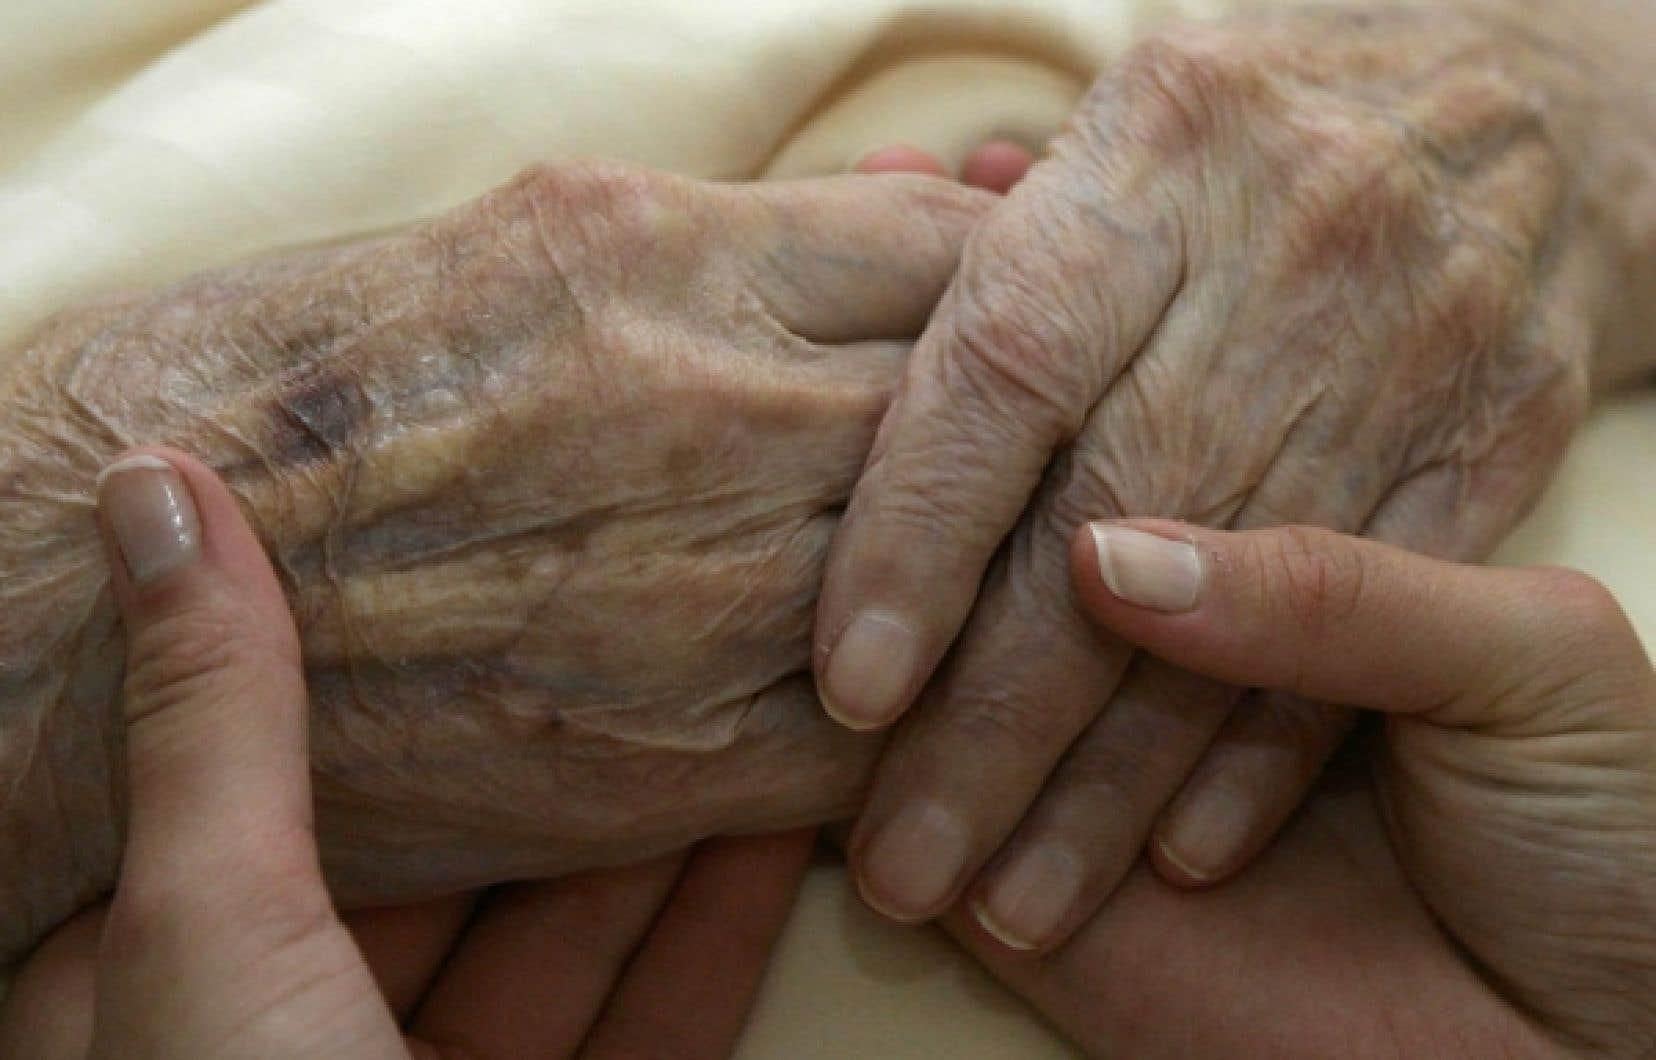 Le coeur des 22 recommandations de la commission porte sur les moyens à mettre en place pour éviter aux grands malades l'odieux de devoir supplier qu'on les aide à mourir.